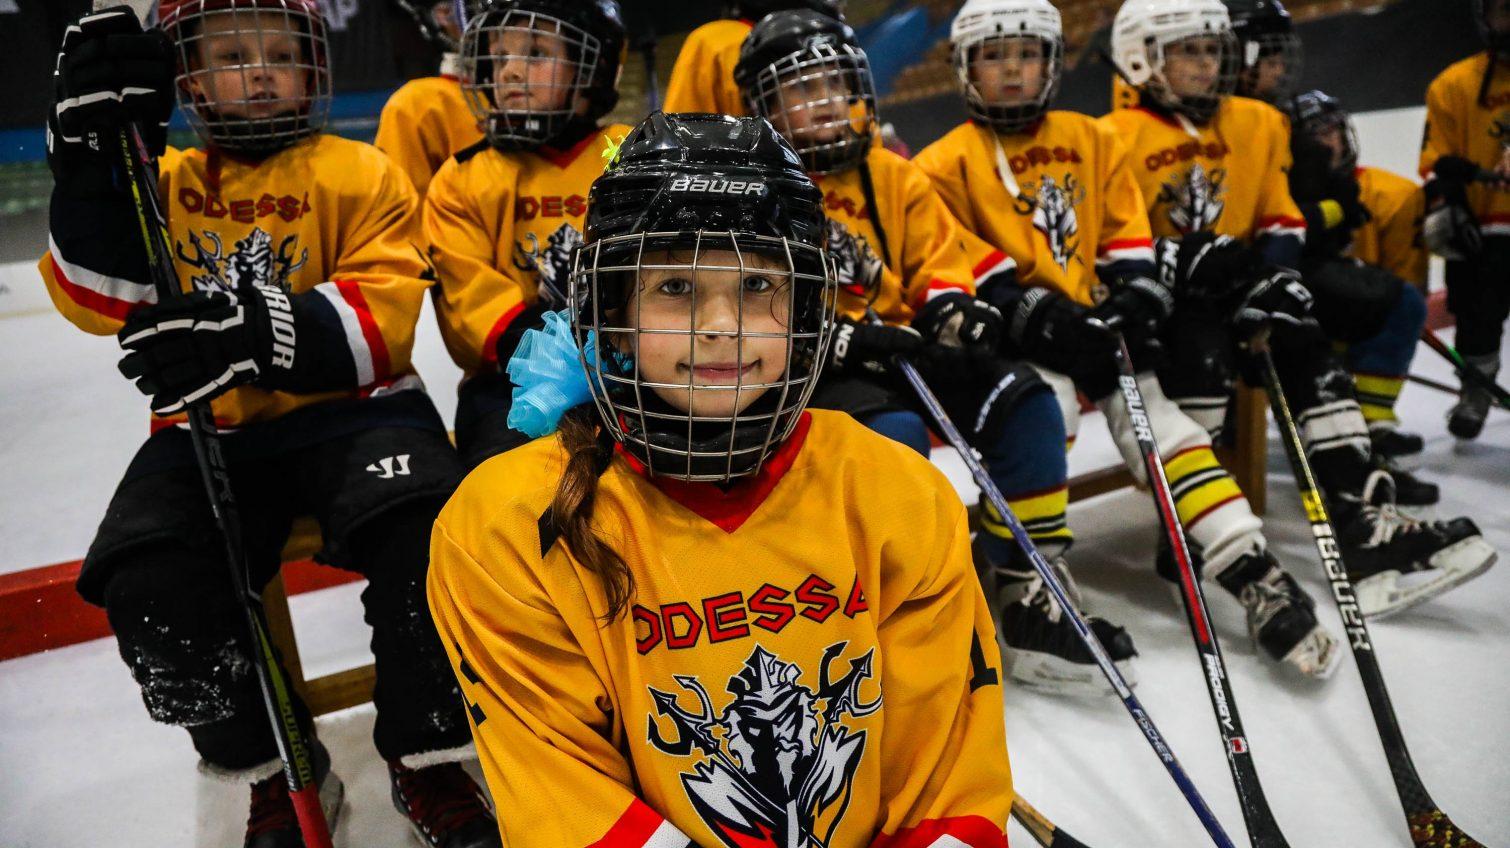 Пять команд юных хоккеистов разыграли «Золотую шайбу» в одесском Дворце спорта (фото) «фото»